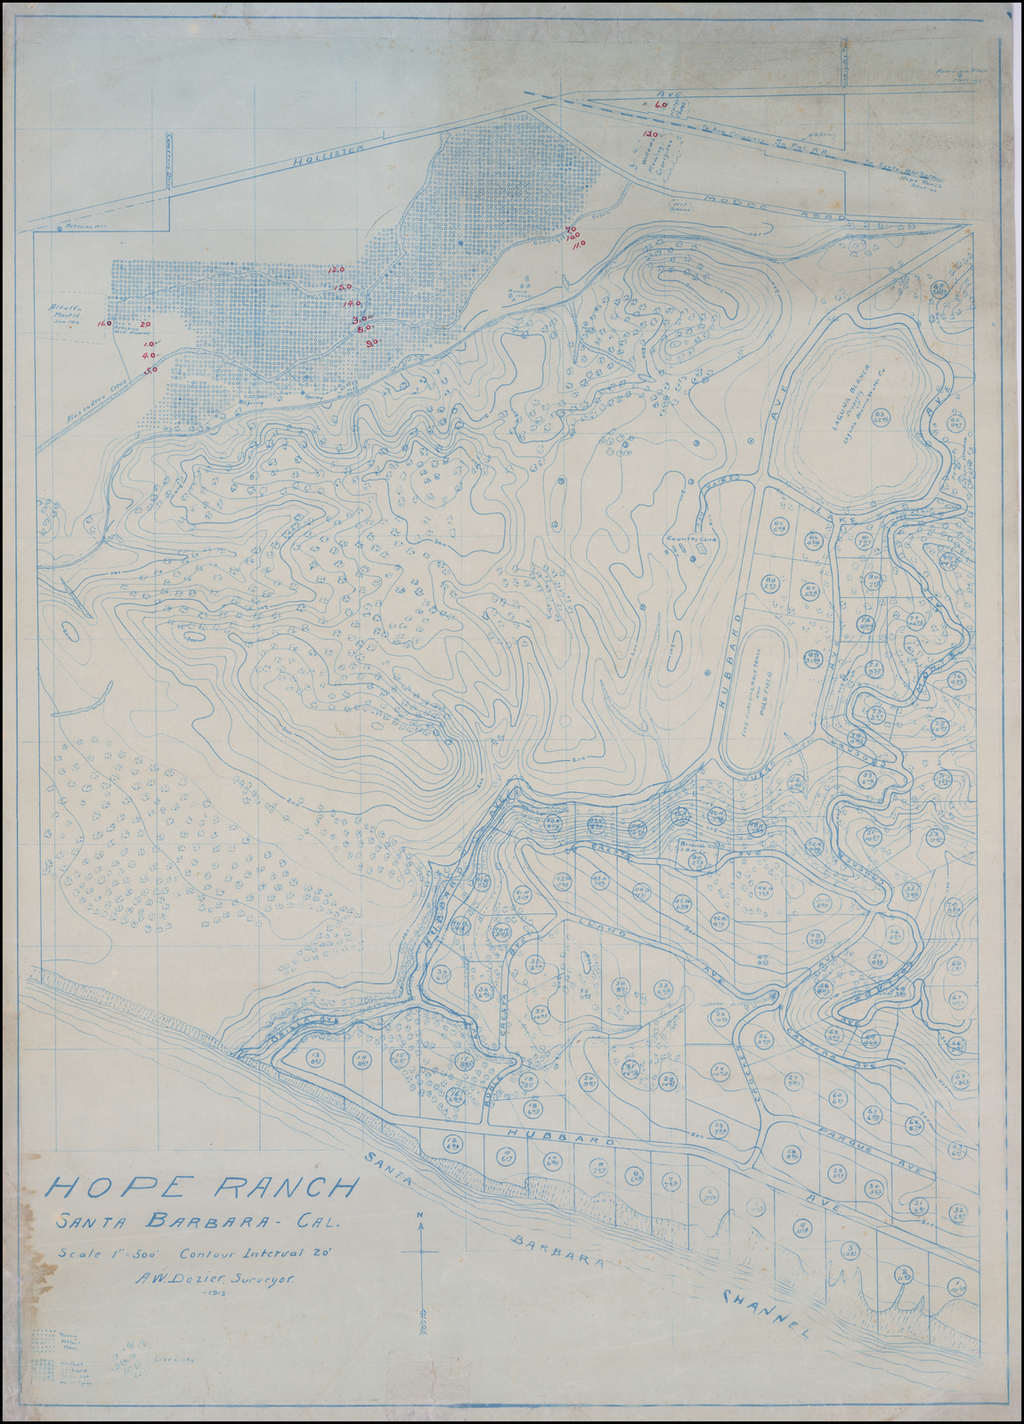 Hope Ranch Santa Barbara - Cal. . . . A.W. Dozier Surveyor. -1913- By A.W. Dozier